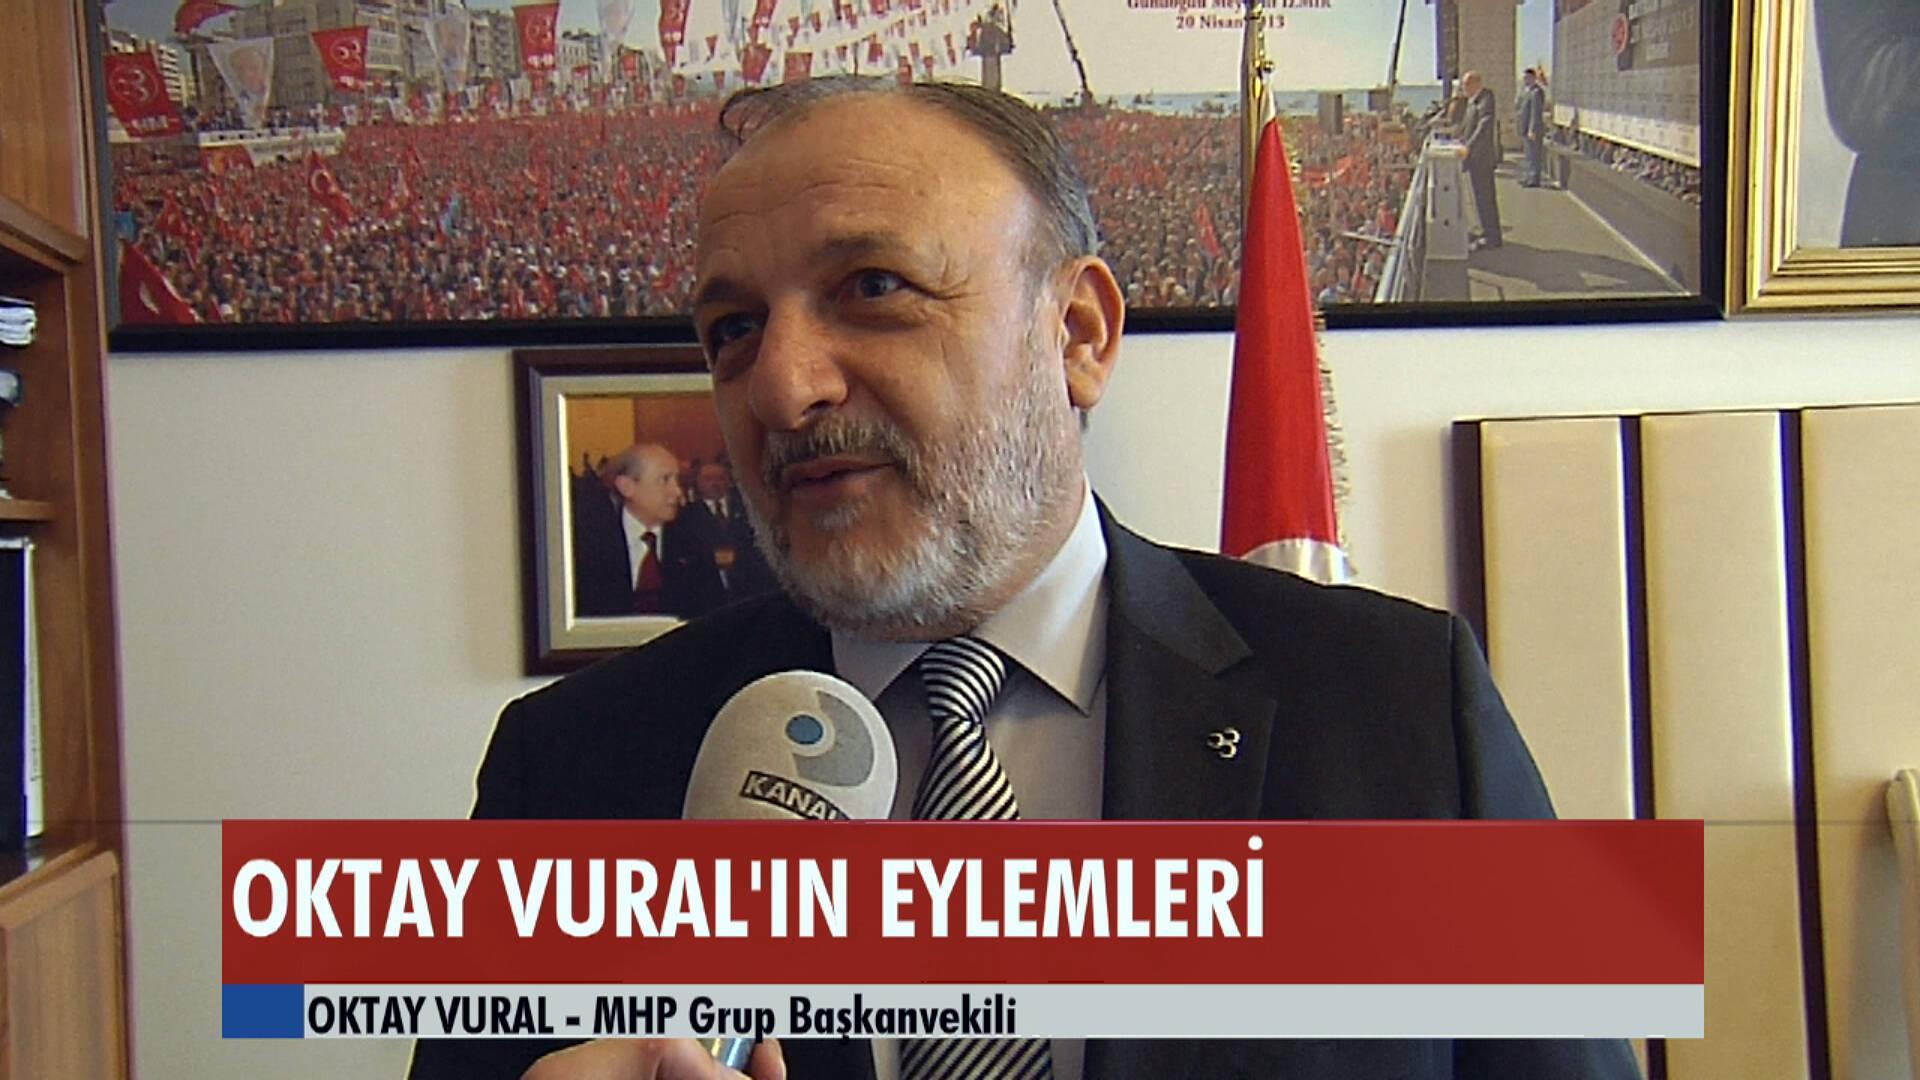 Best of Oktay Vural!